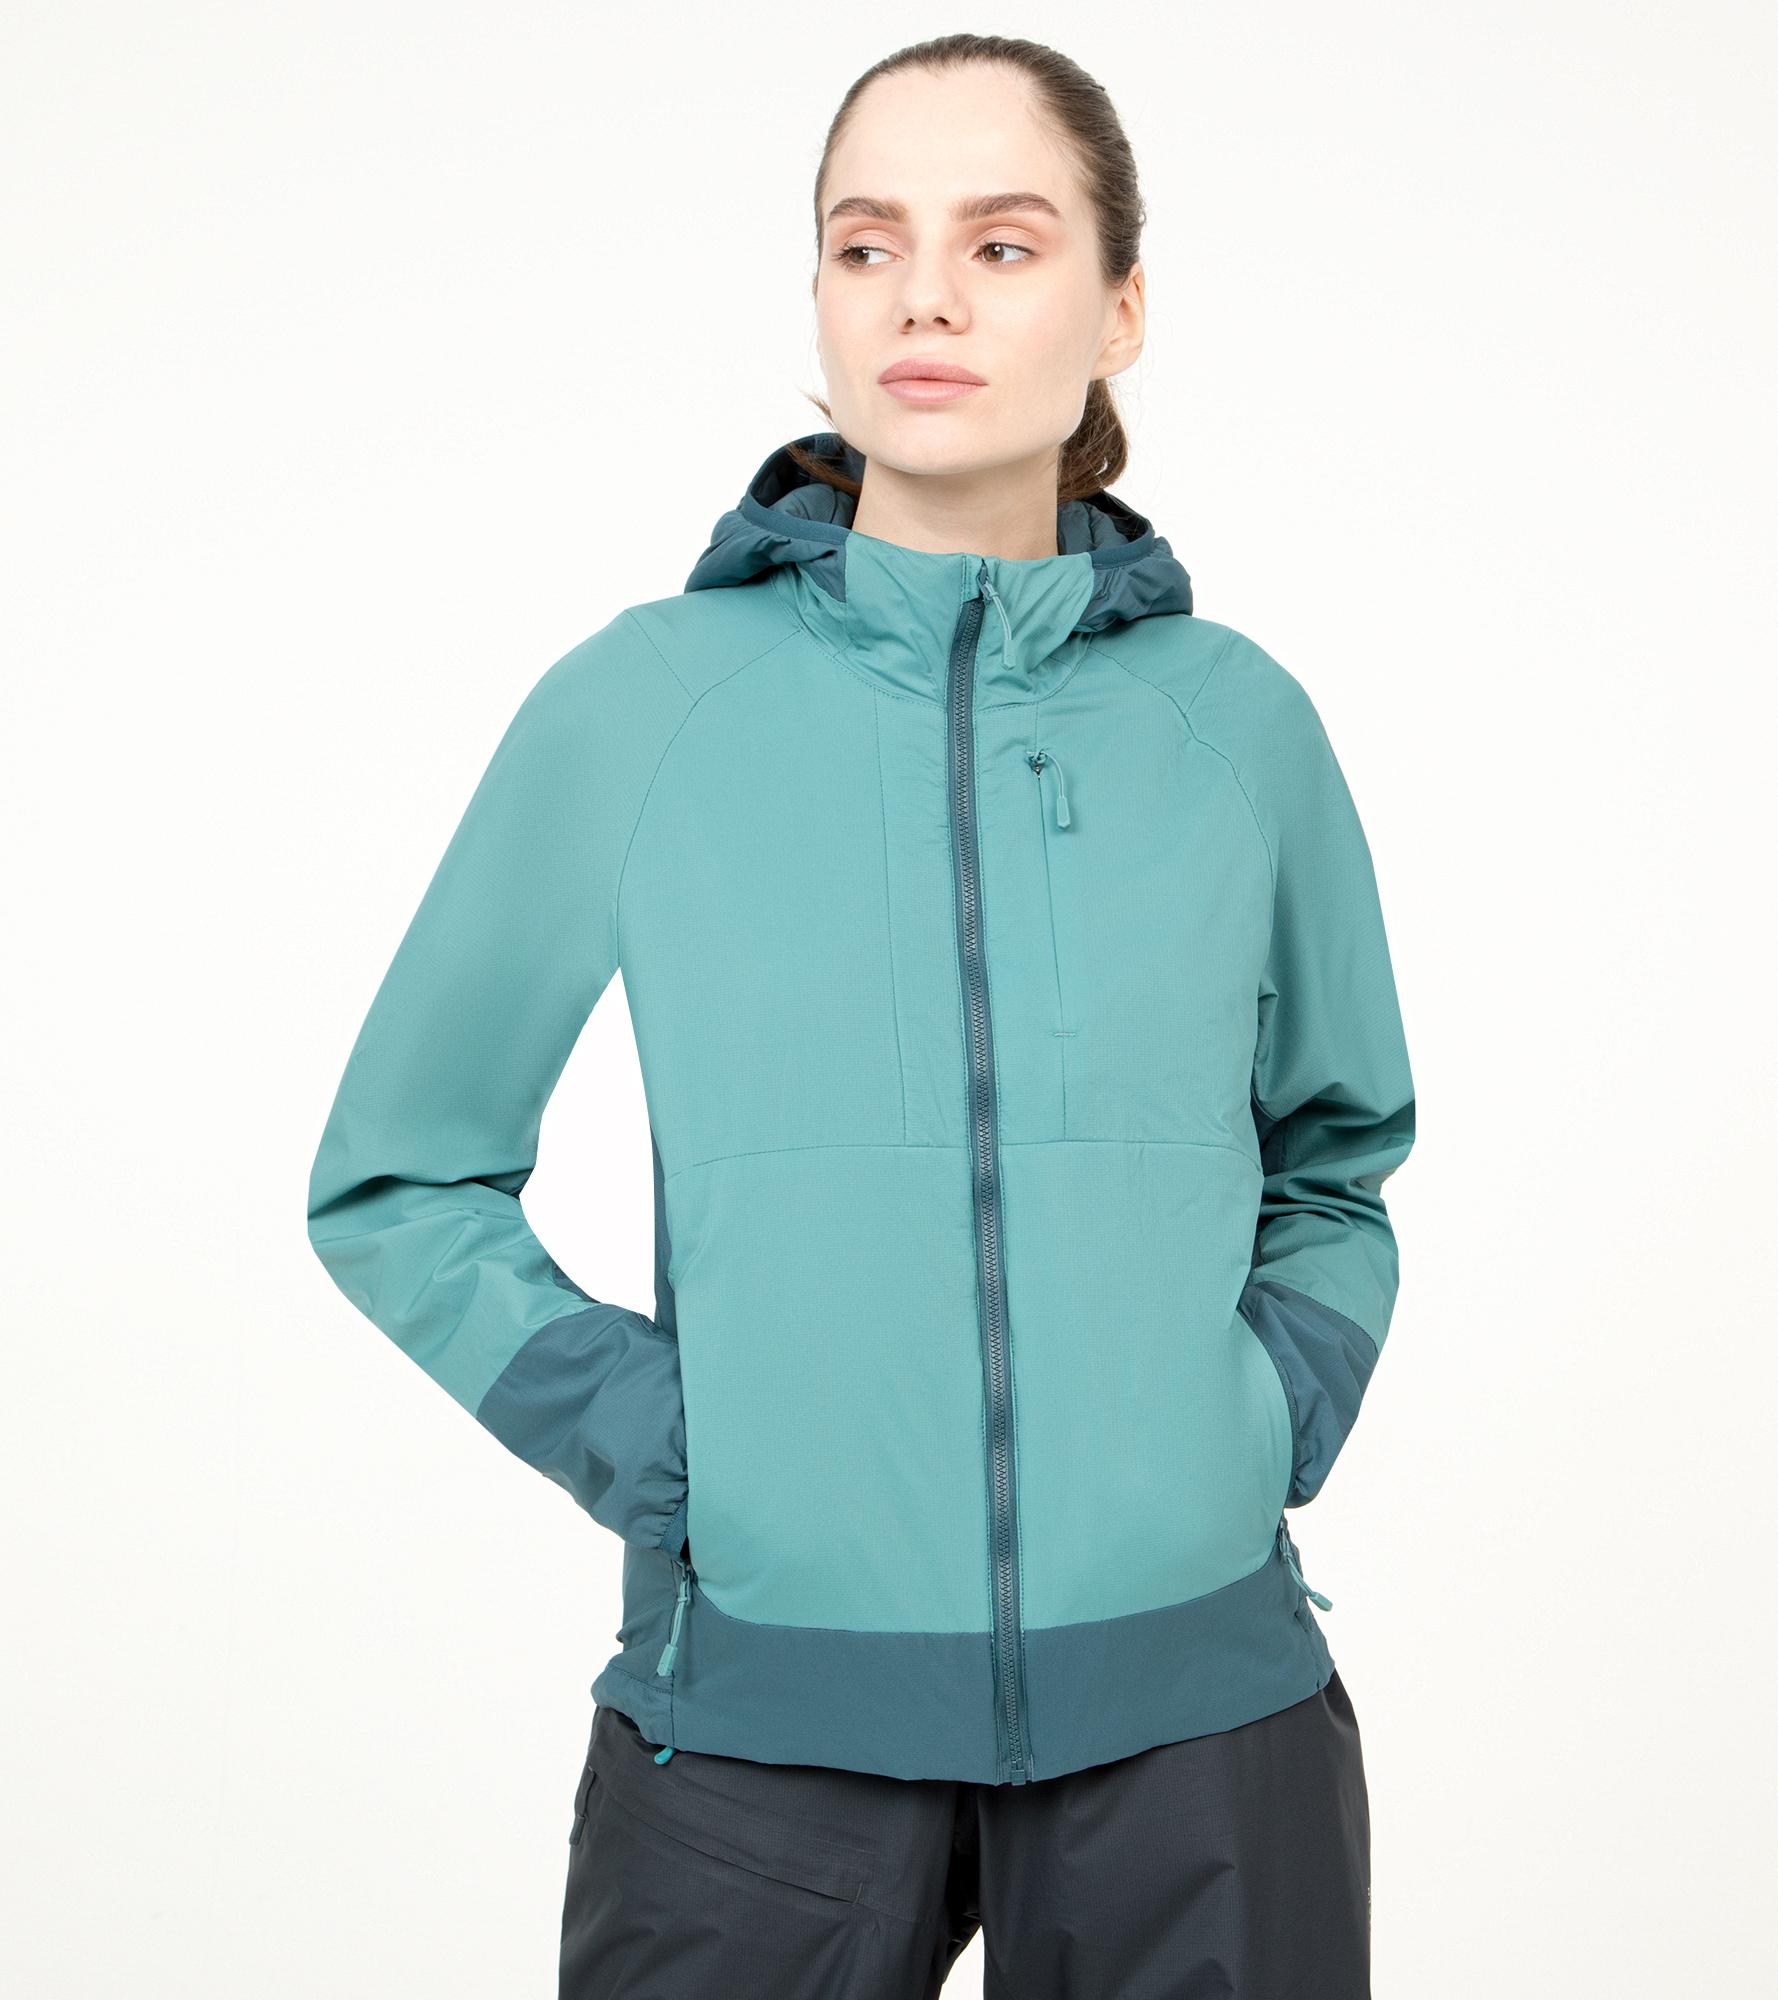 Mountain Hardwear Куртка утепленная женская Mountain Hardwear Kor Cirrus™ Hybrid, размер 48 mountain hardwear куртка утепленная мужская mountain hardwear radian размер 56